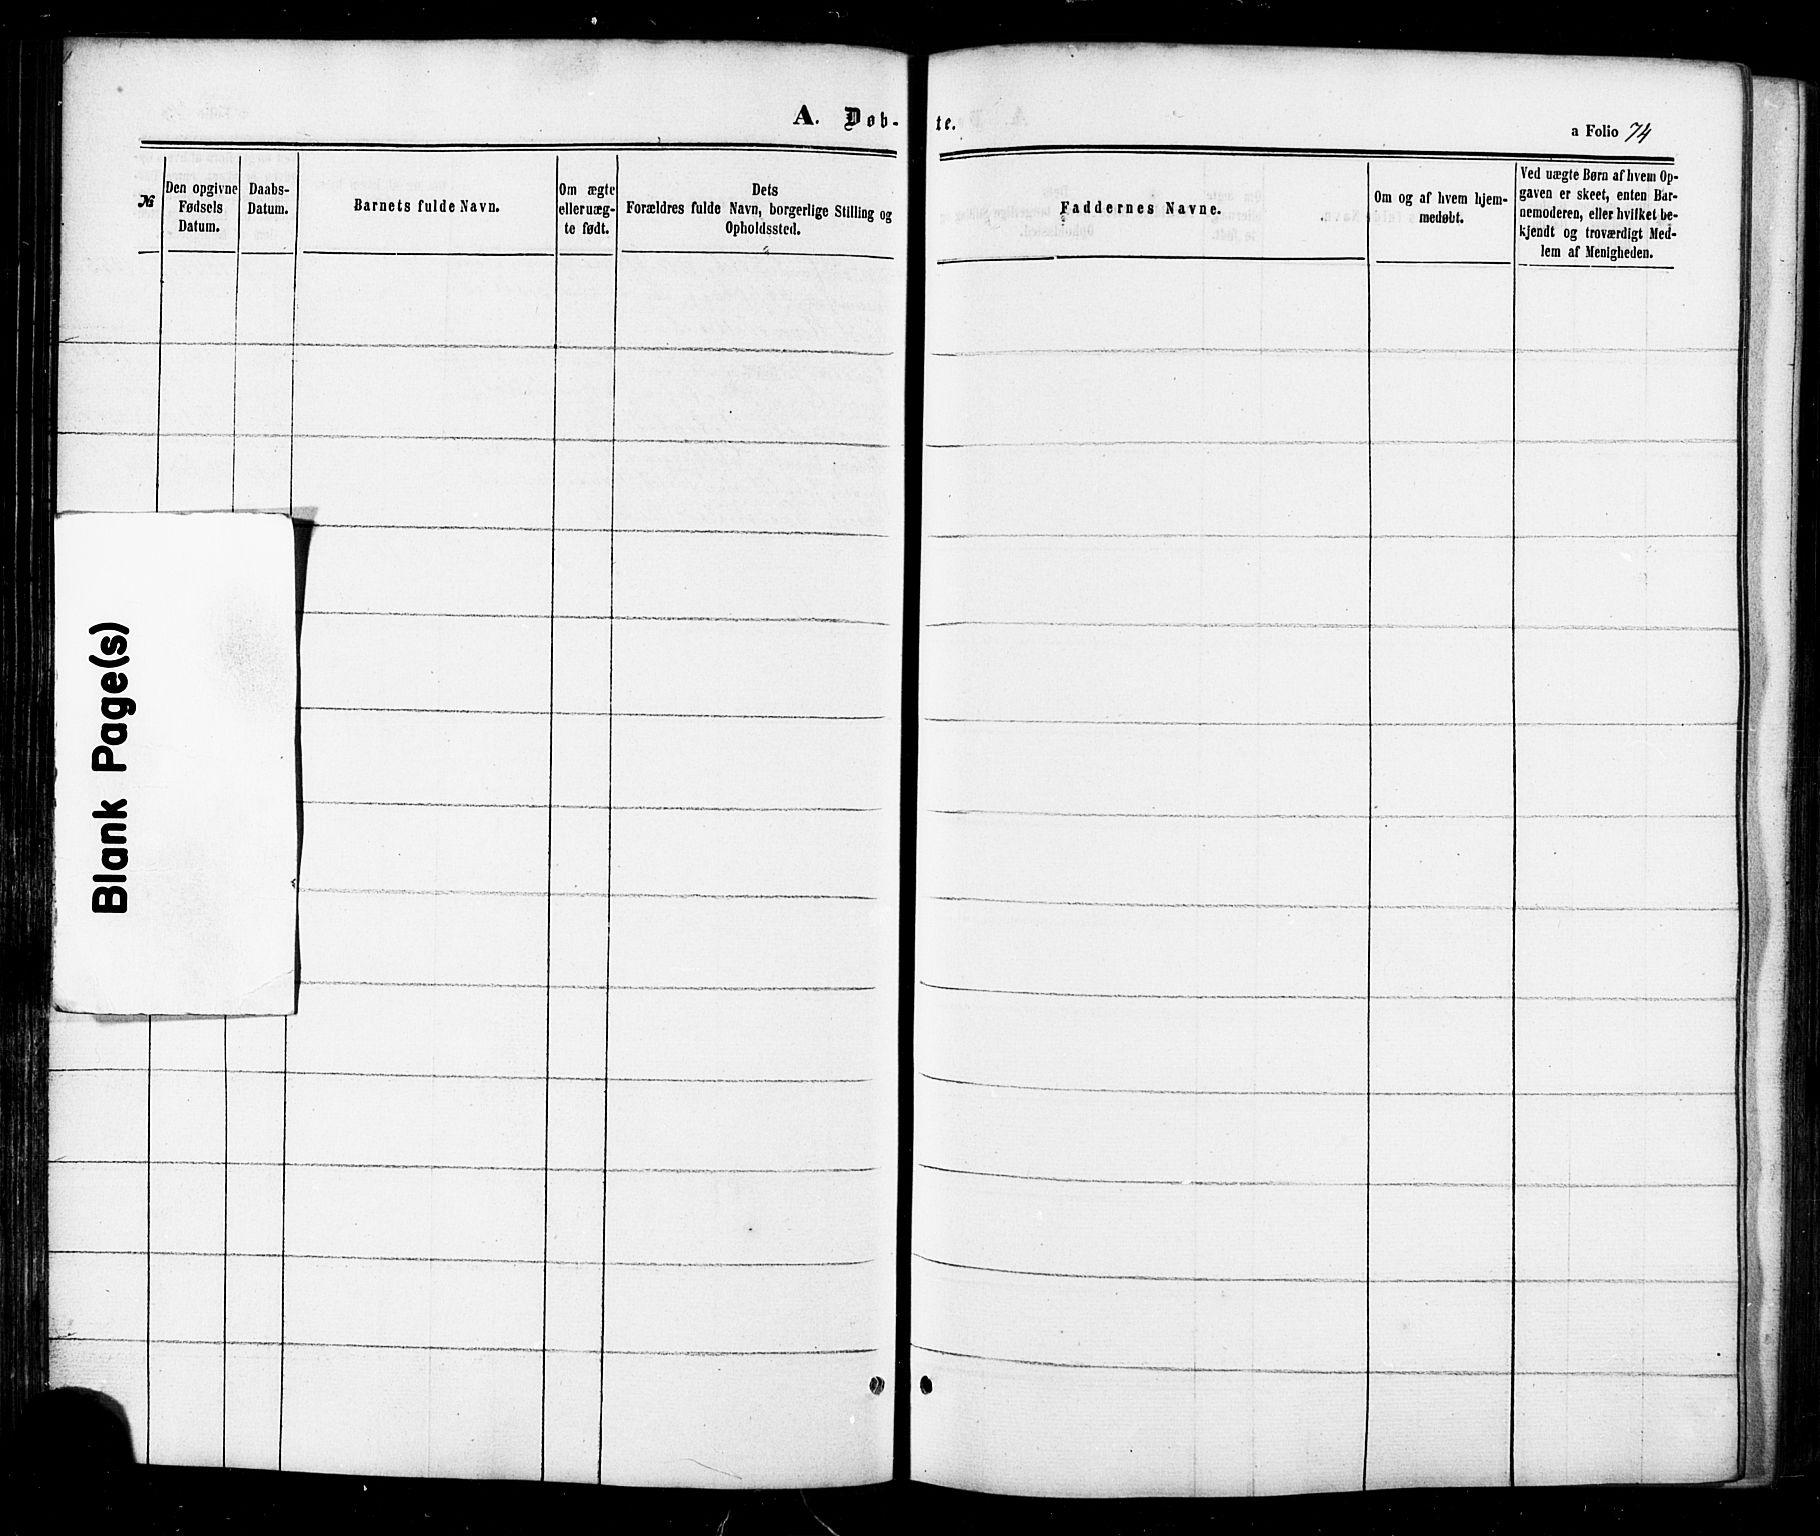 SAT, Ministerialprotokoller, klokkerbøker og fødselsregistre - Sør-Trøndelag, 674/L0870: Ministerialbok nr. 674A02, 1861-1879, s. 74